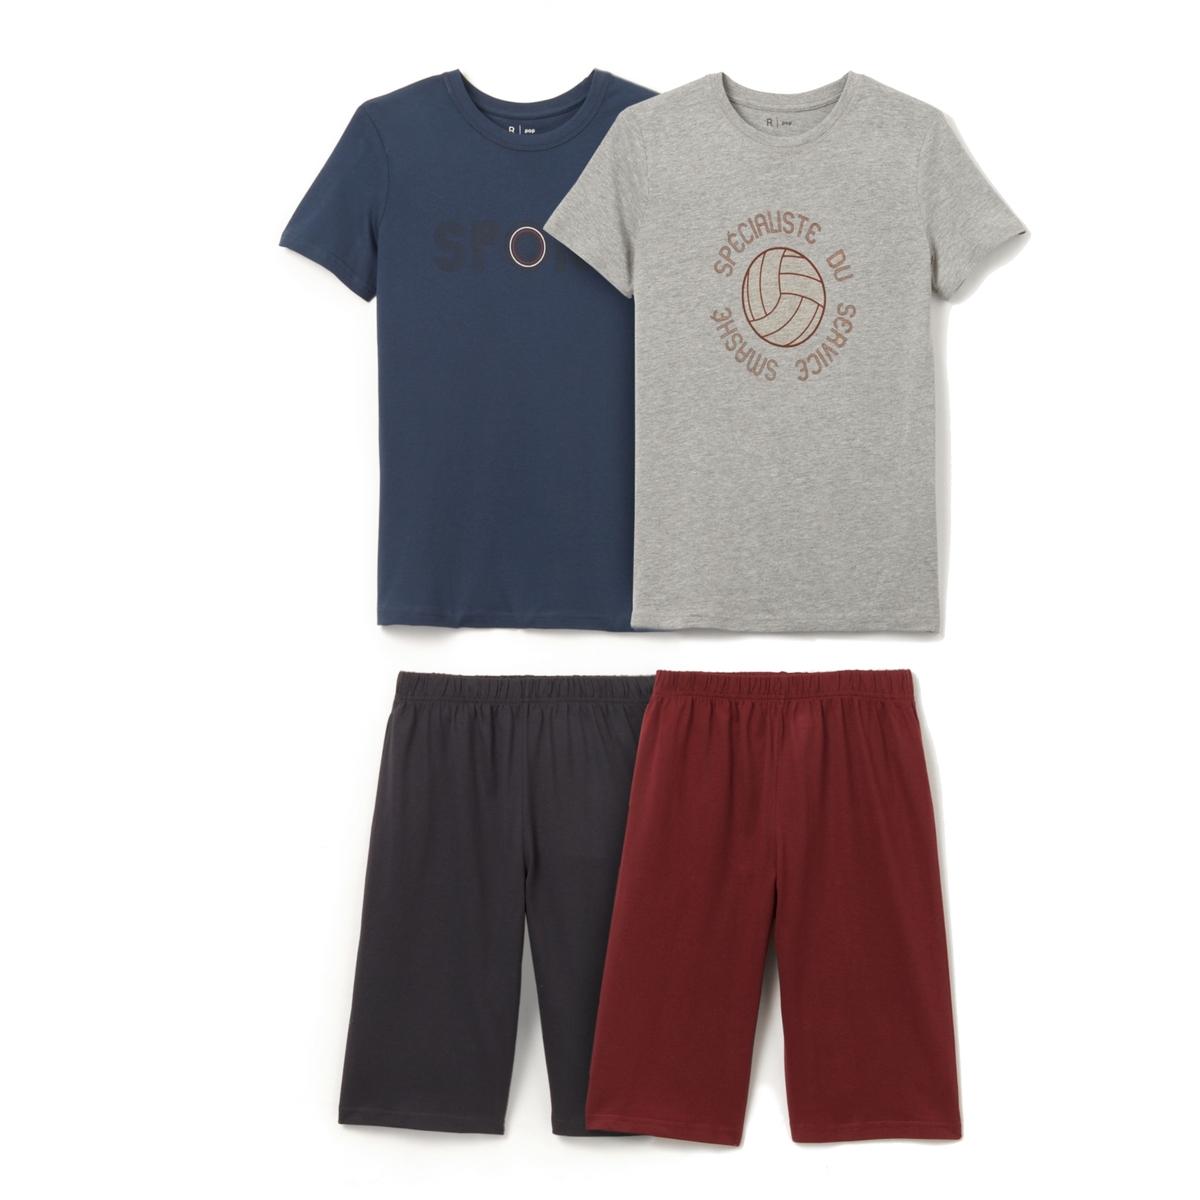 2 пижамы с принтом 10-16 летПижама: футболка с короткими рукавами и шорты. В комплекте 2 пижамы : Футболкии с разными рисунками . Однотонные шорты на эластичном поясе.Состав и описание :    Материал       Джерси 85% хлопка, 15% вискозы   Уход: : - Машинная стирка при 30°C с вещами схожих цветов. Стирка и глажка с изнаночной стороны. Машинная сушка в умеренном режиме. Гладить на низкой температуре.<br><br>Цвет: серый меланж + синий<br>Размер: 14 лет - 162 см.12 лет -150 см.10 лет - 138 см.16 лет - 174 см